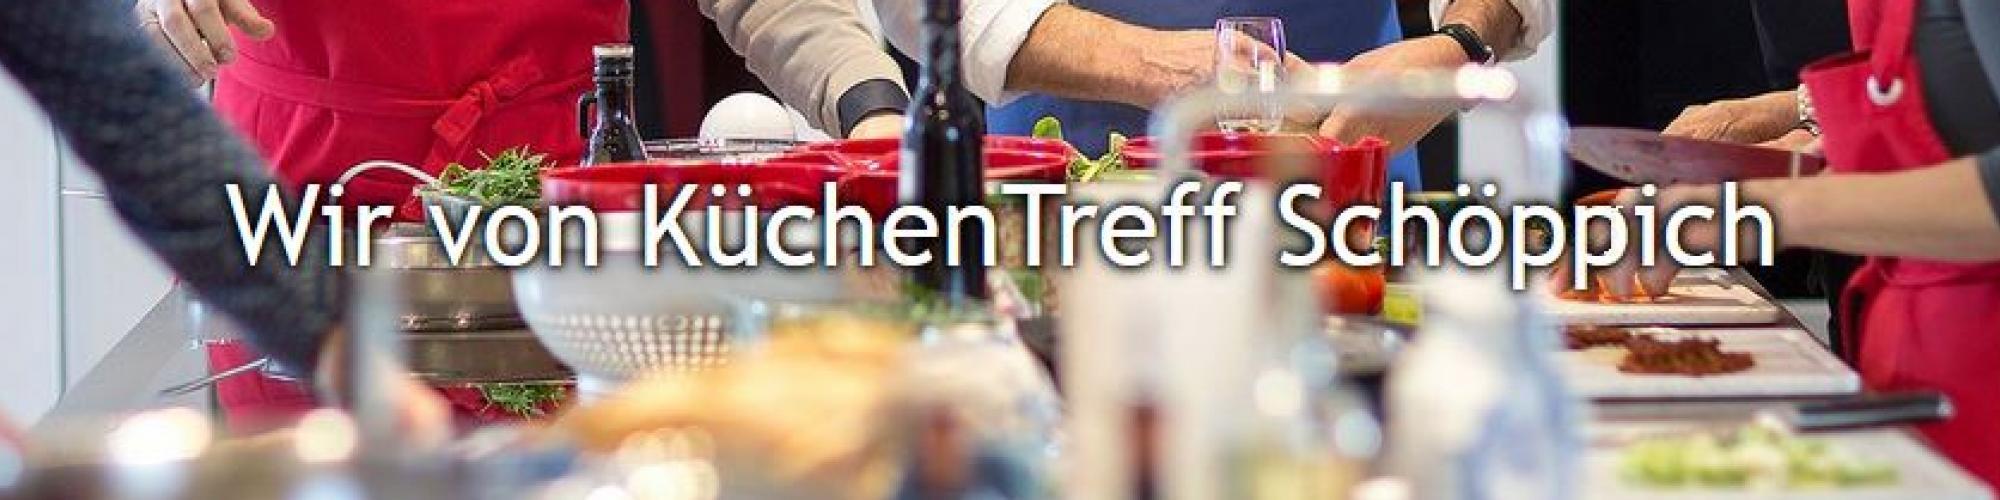 KüchenTreff Schöppich